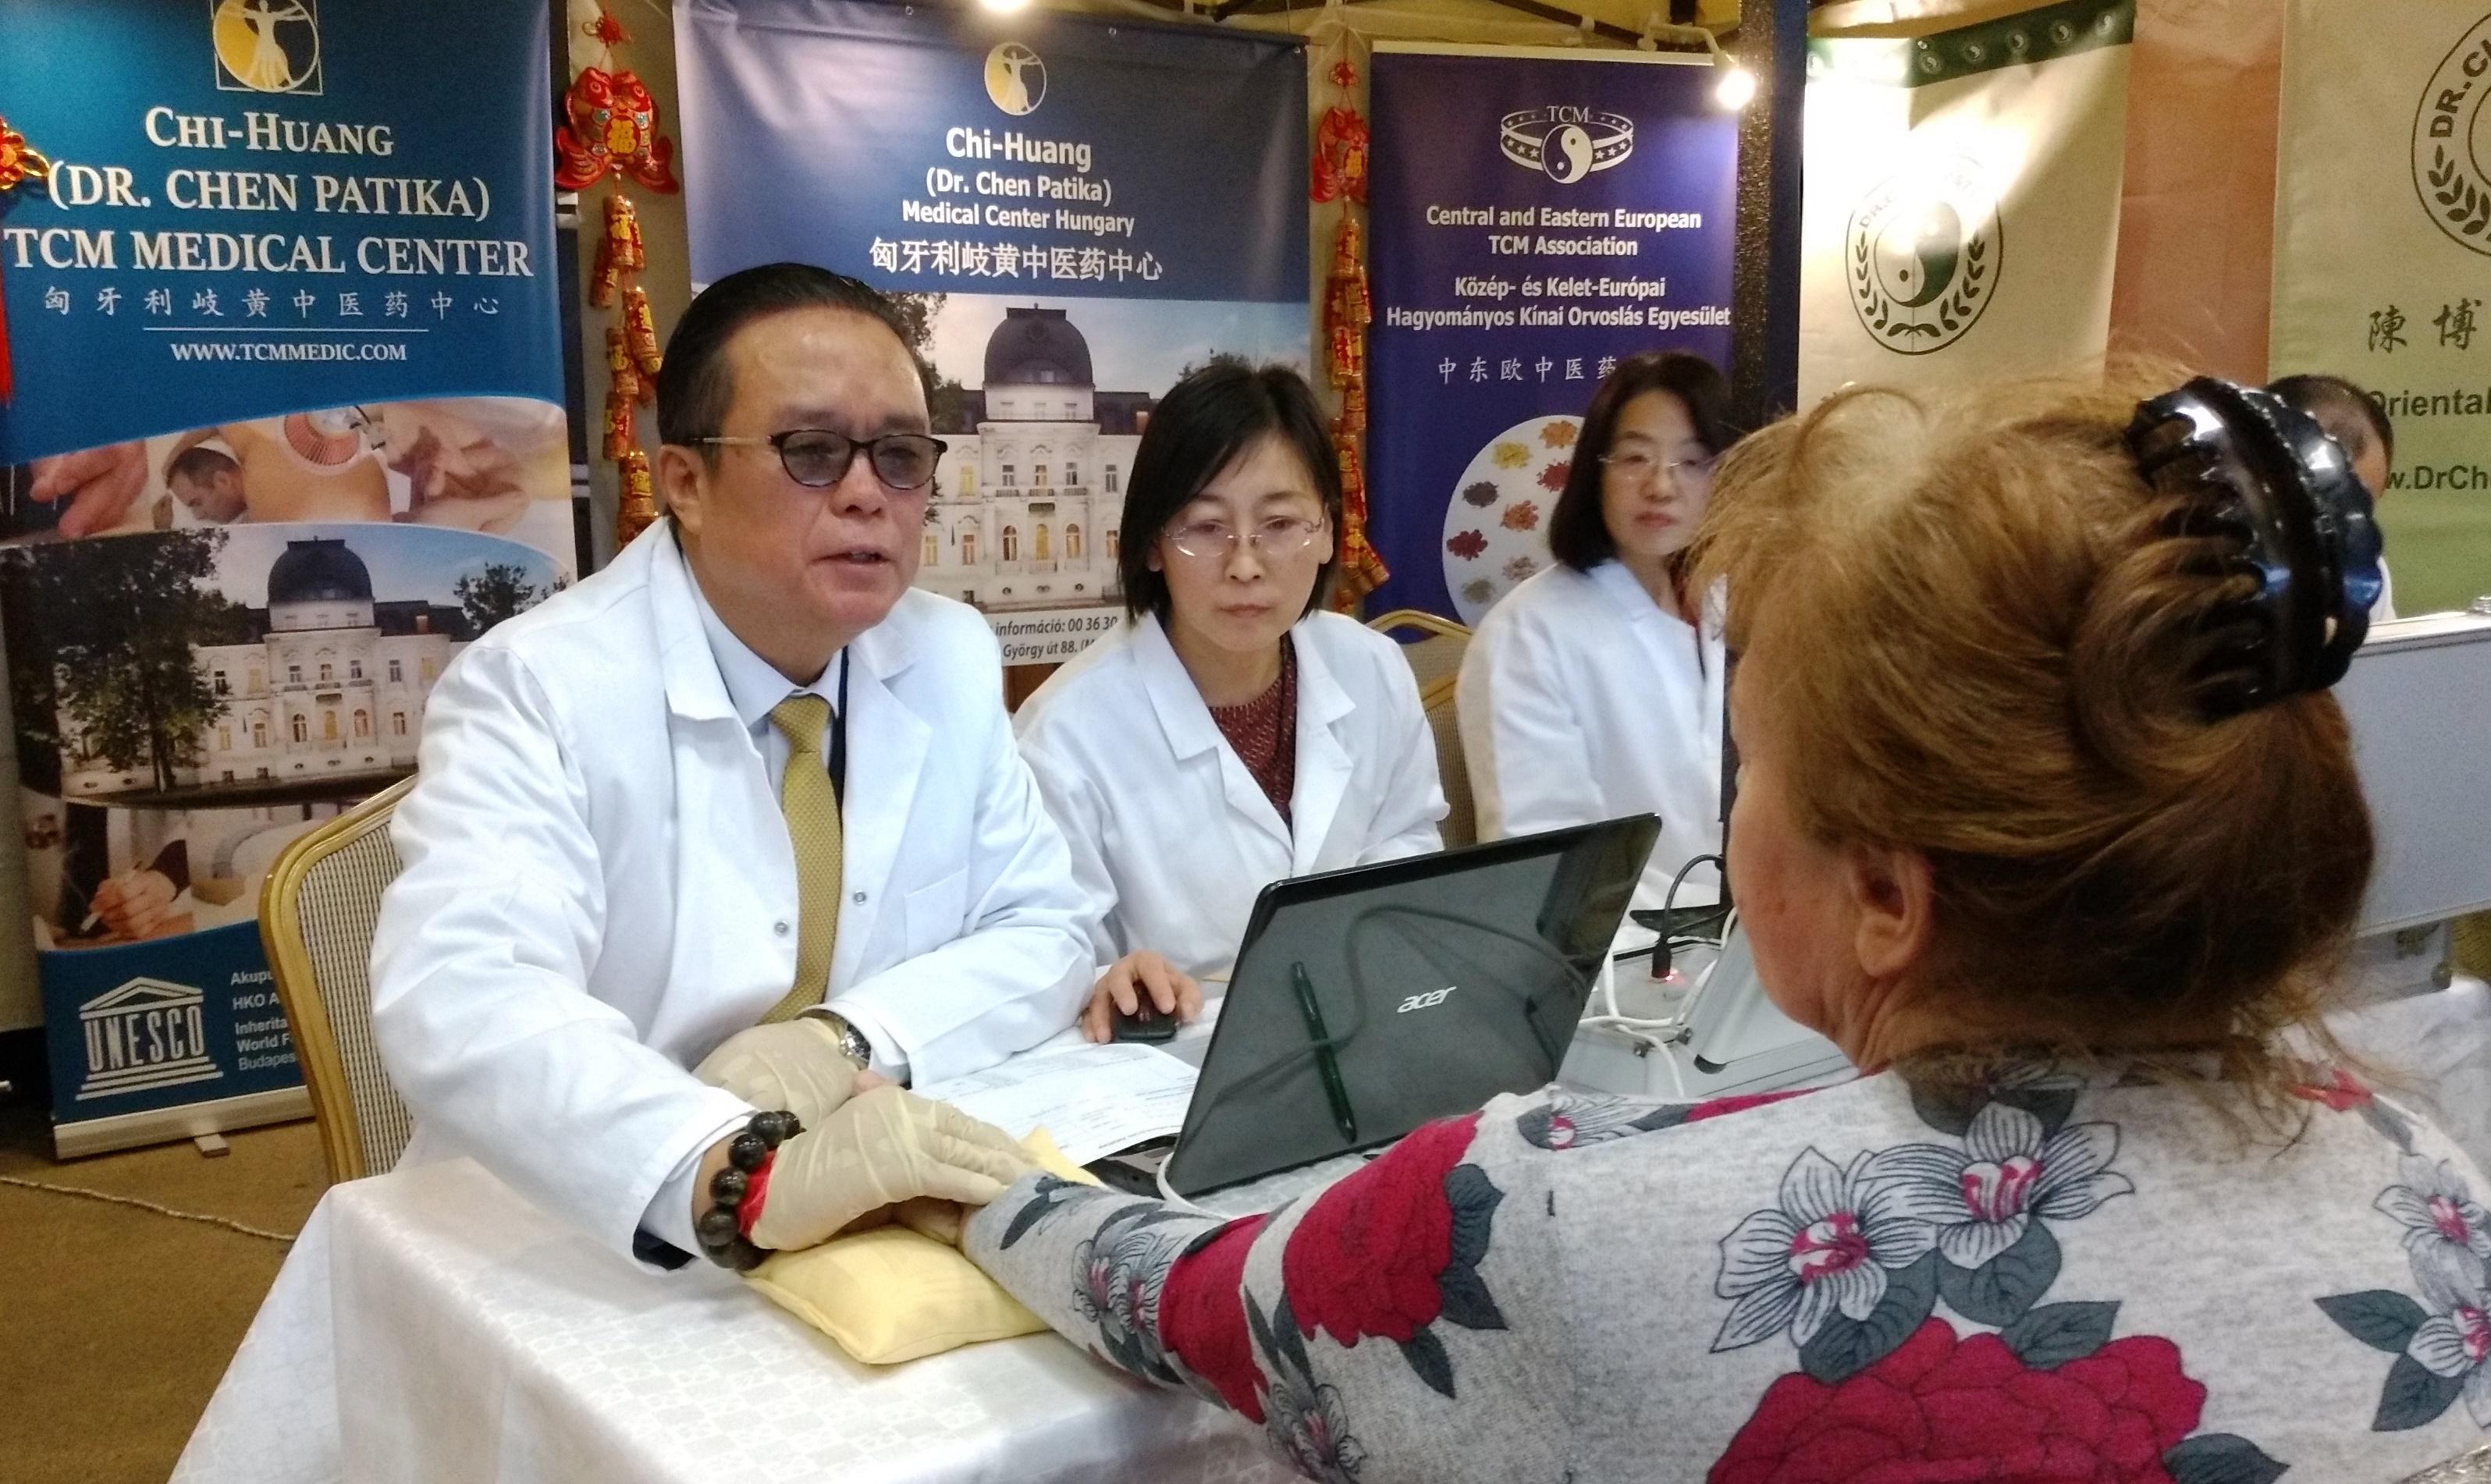 Hagyományos kínai orvoslás   TermészetGyógyász Magazin